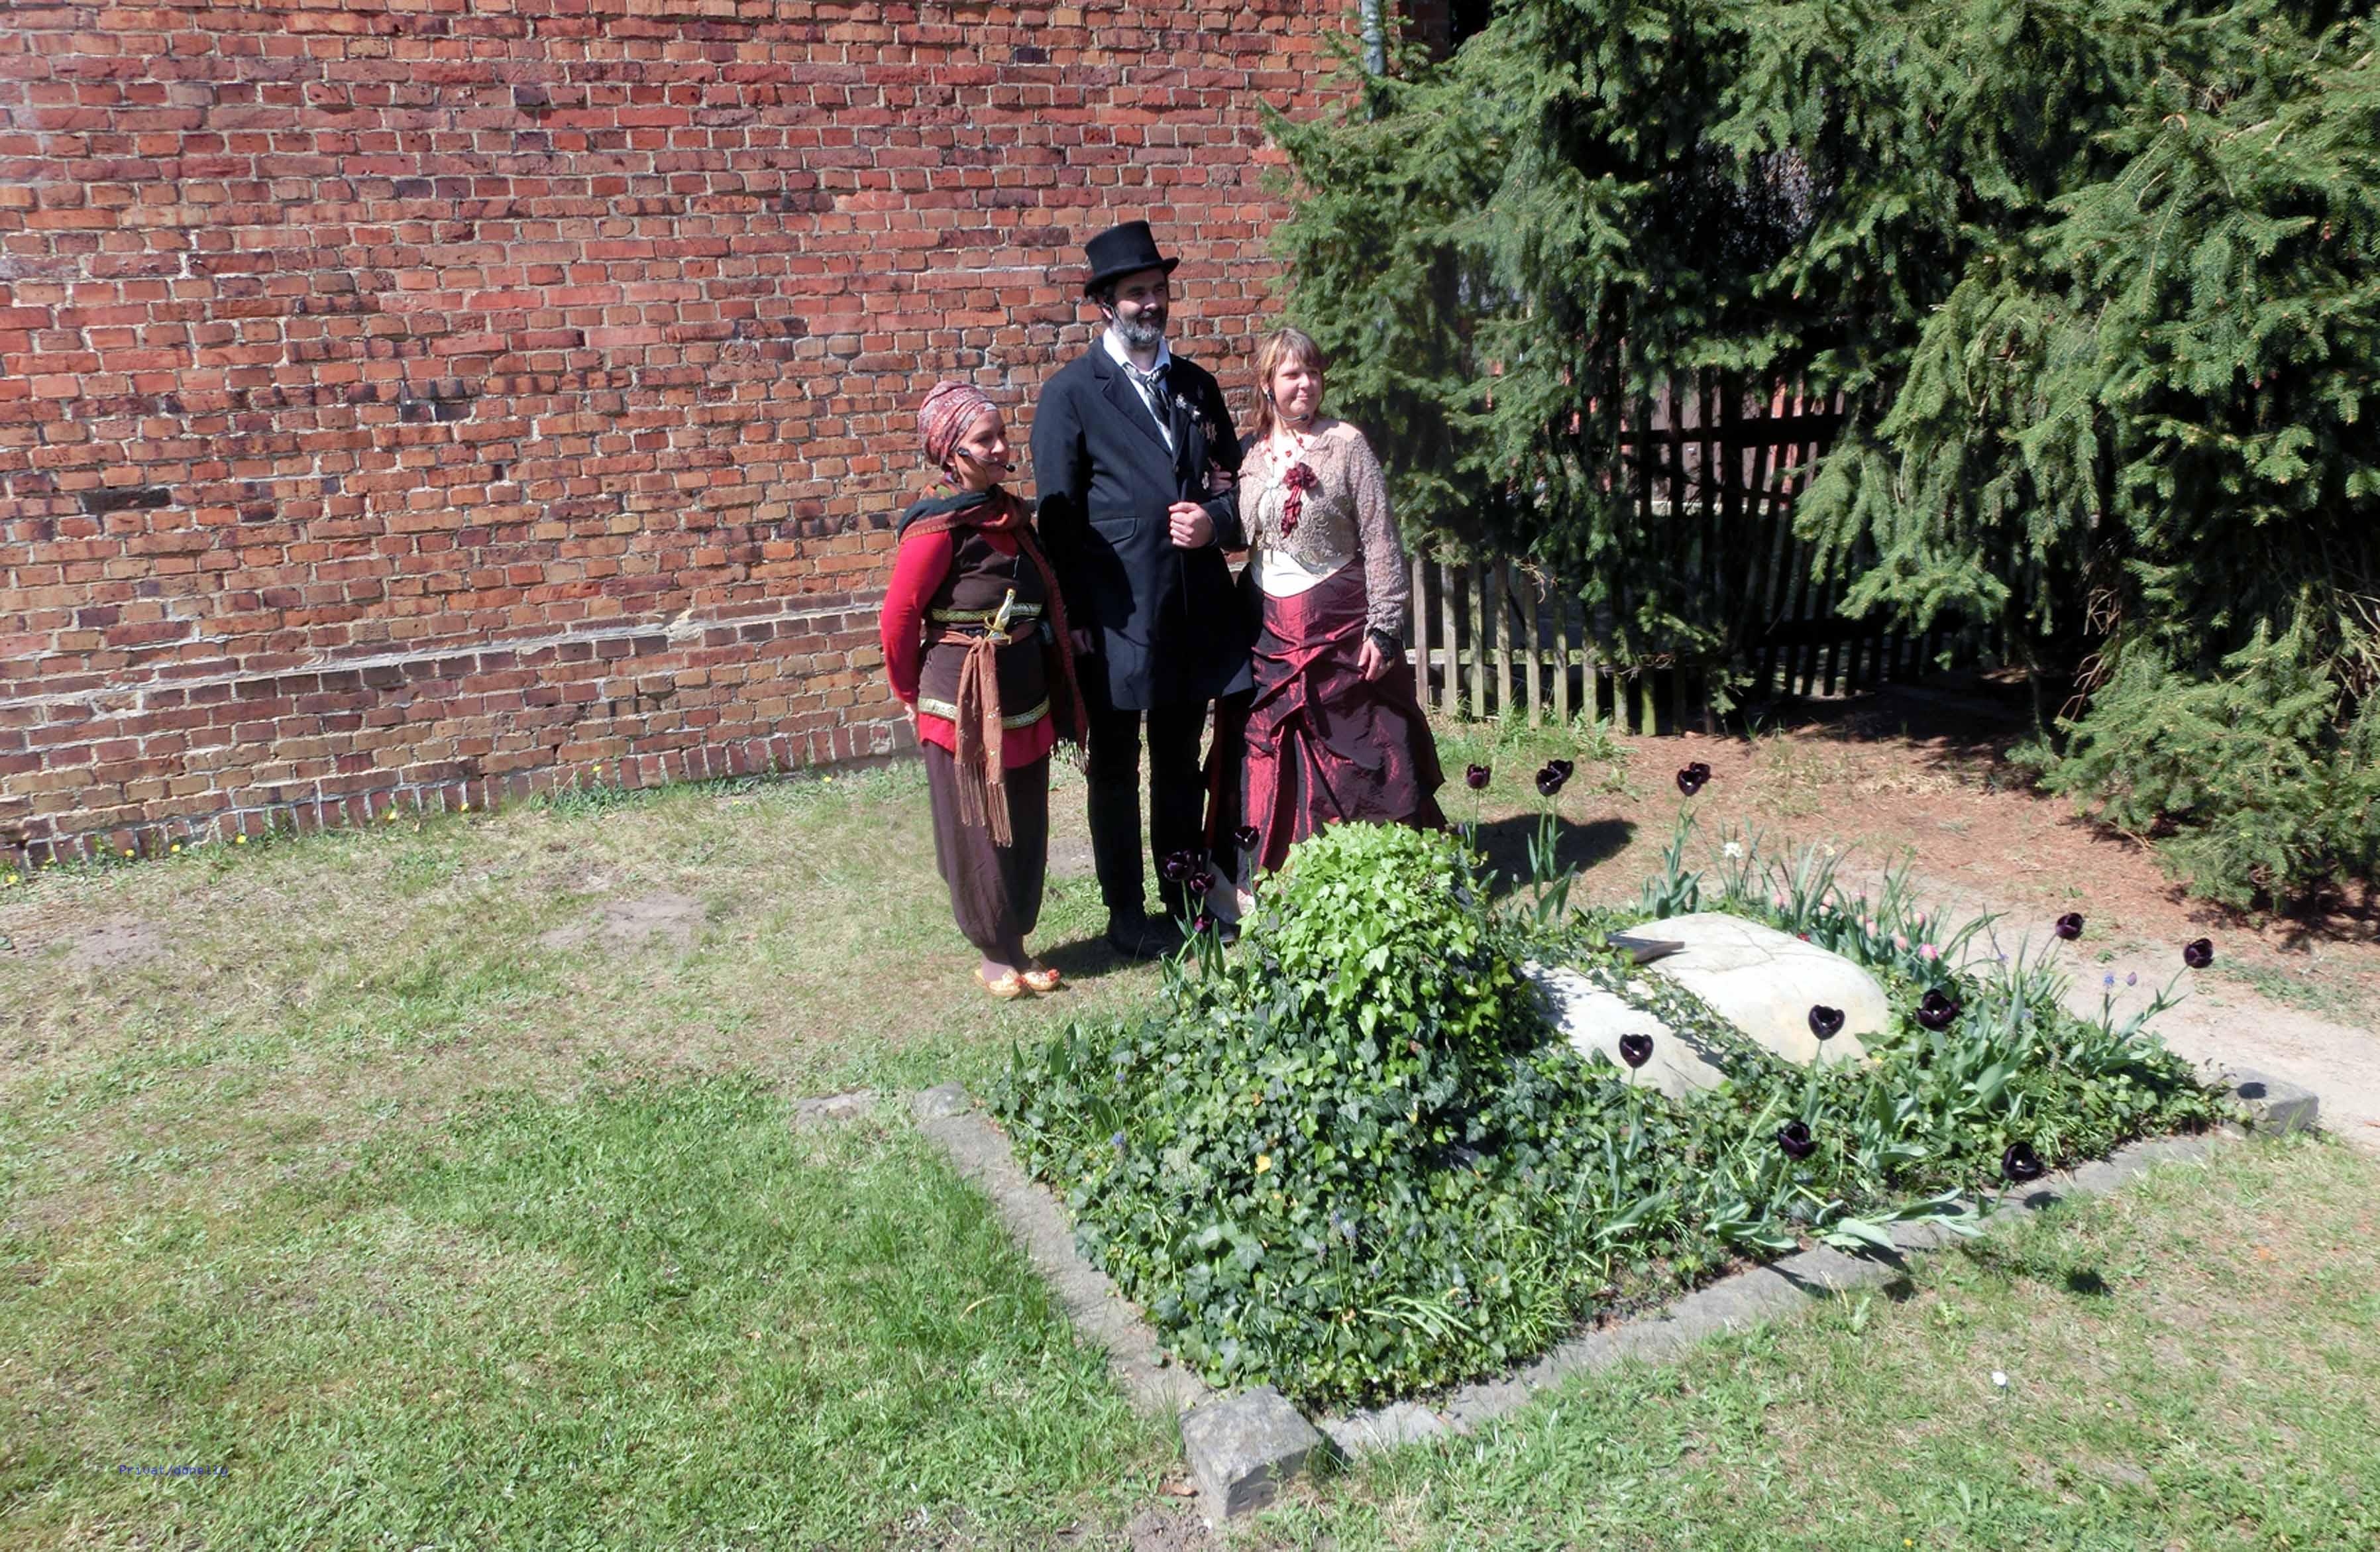 Am Grab von Machbuba, von links: Machbuba (Babett Donnelly), Fürst Pückler (Sven Hülsebus), und Katrin Moschner, Parkführerin der Stiftung Foto: Donnelly